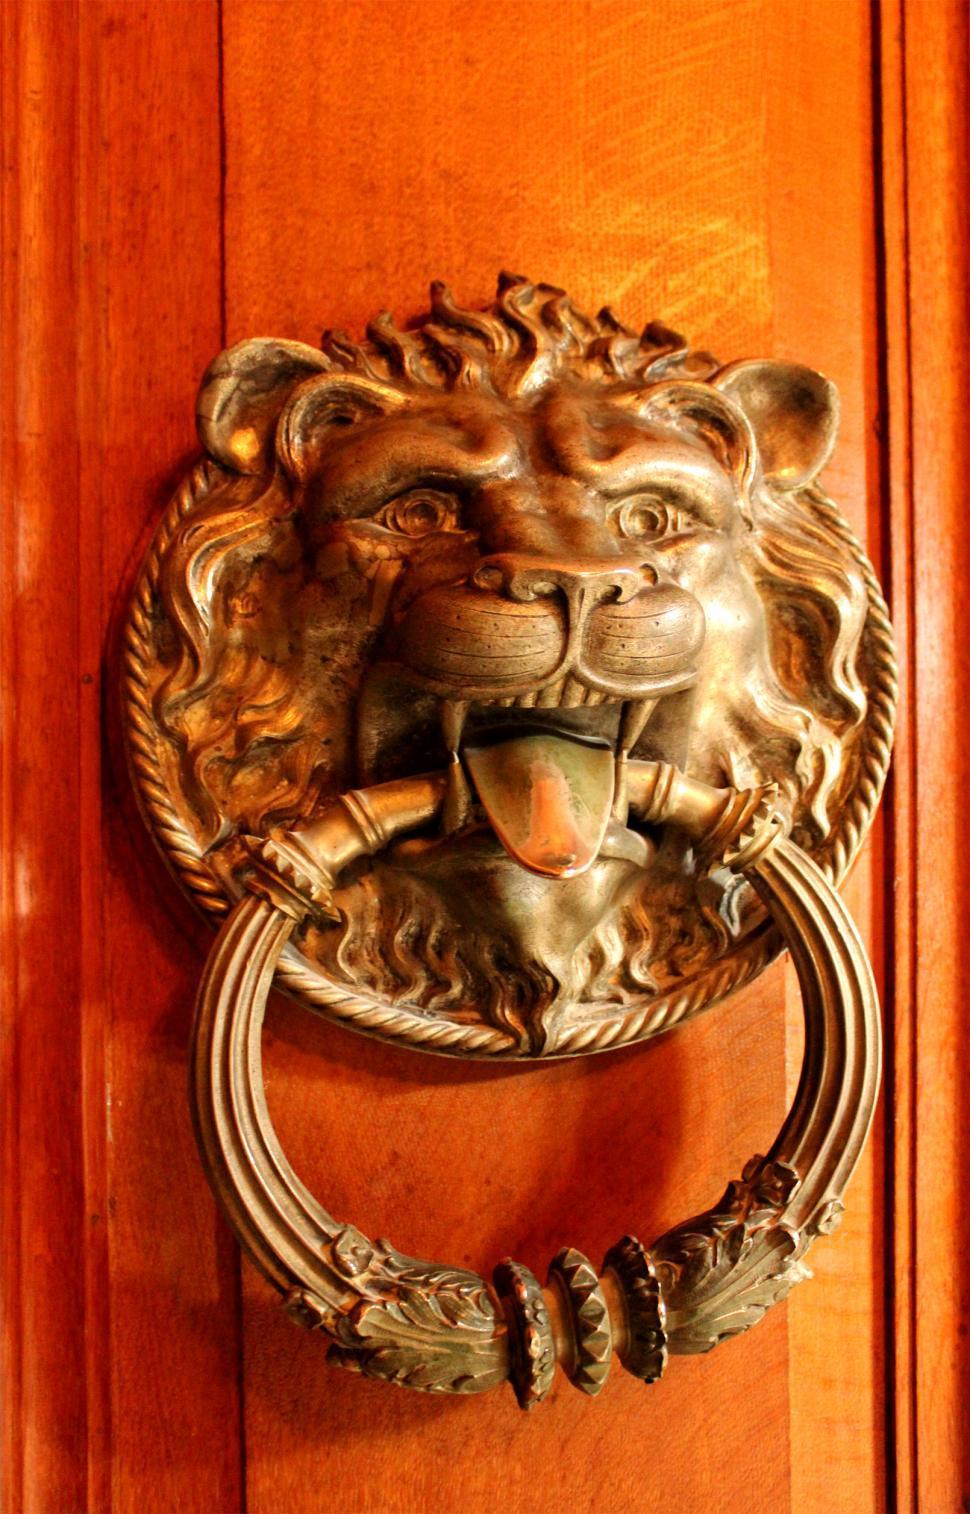 Free Image Of Ornate Ancient Door Knocker   Lionu0027s Head   In Quinta Da  Regaleira,